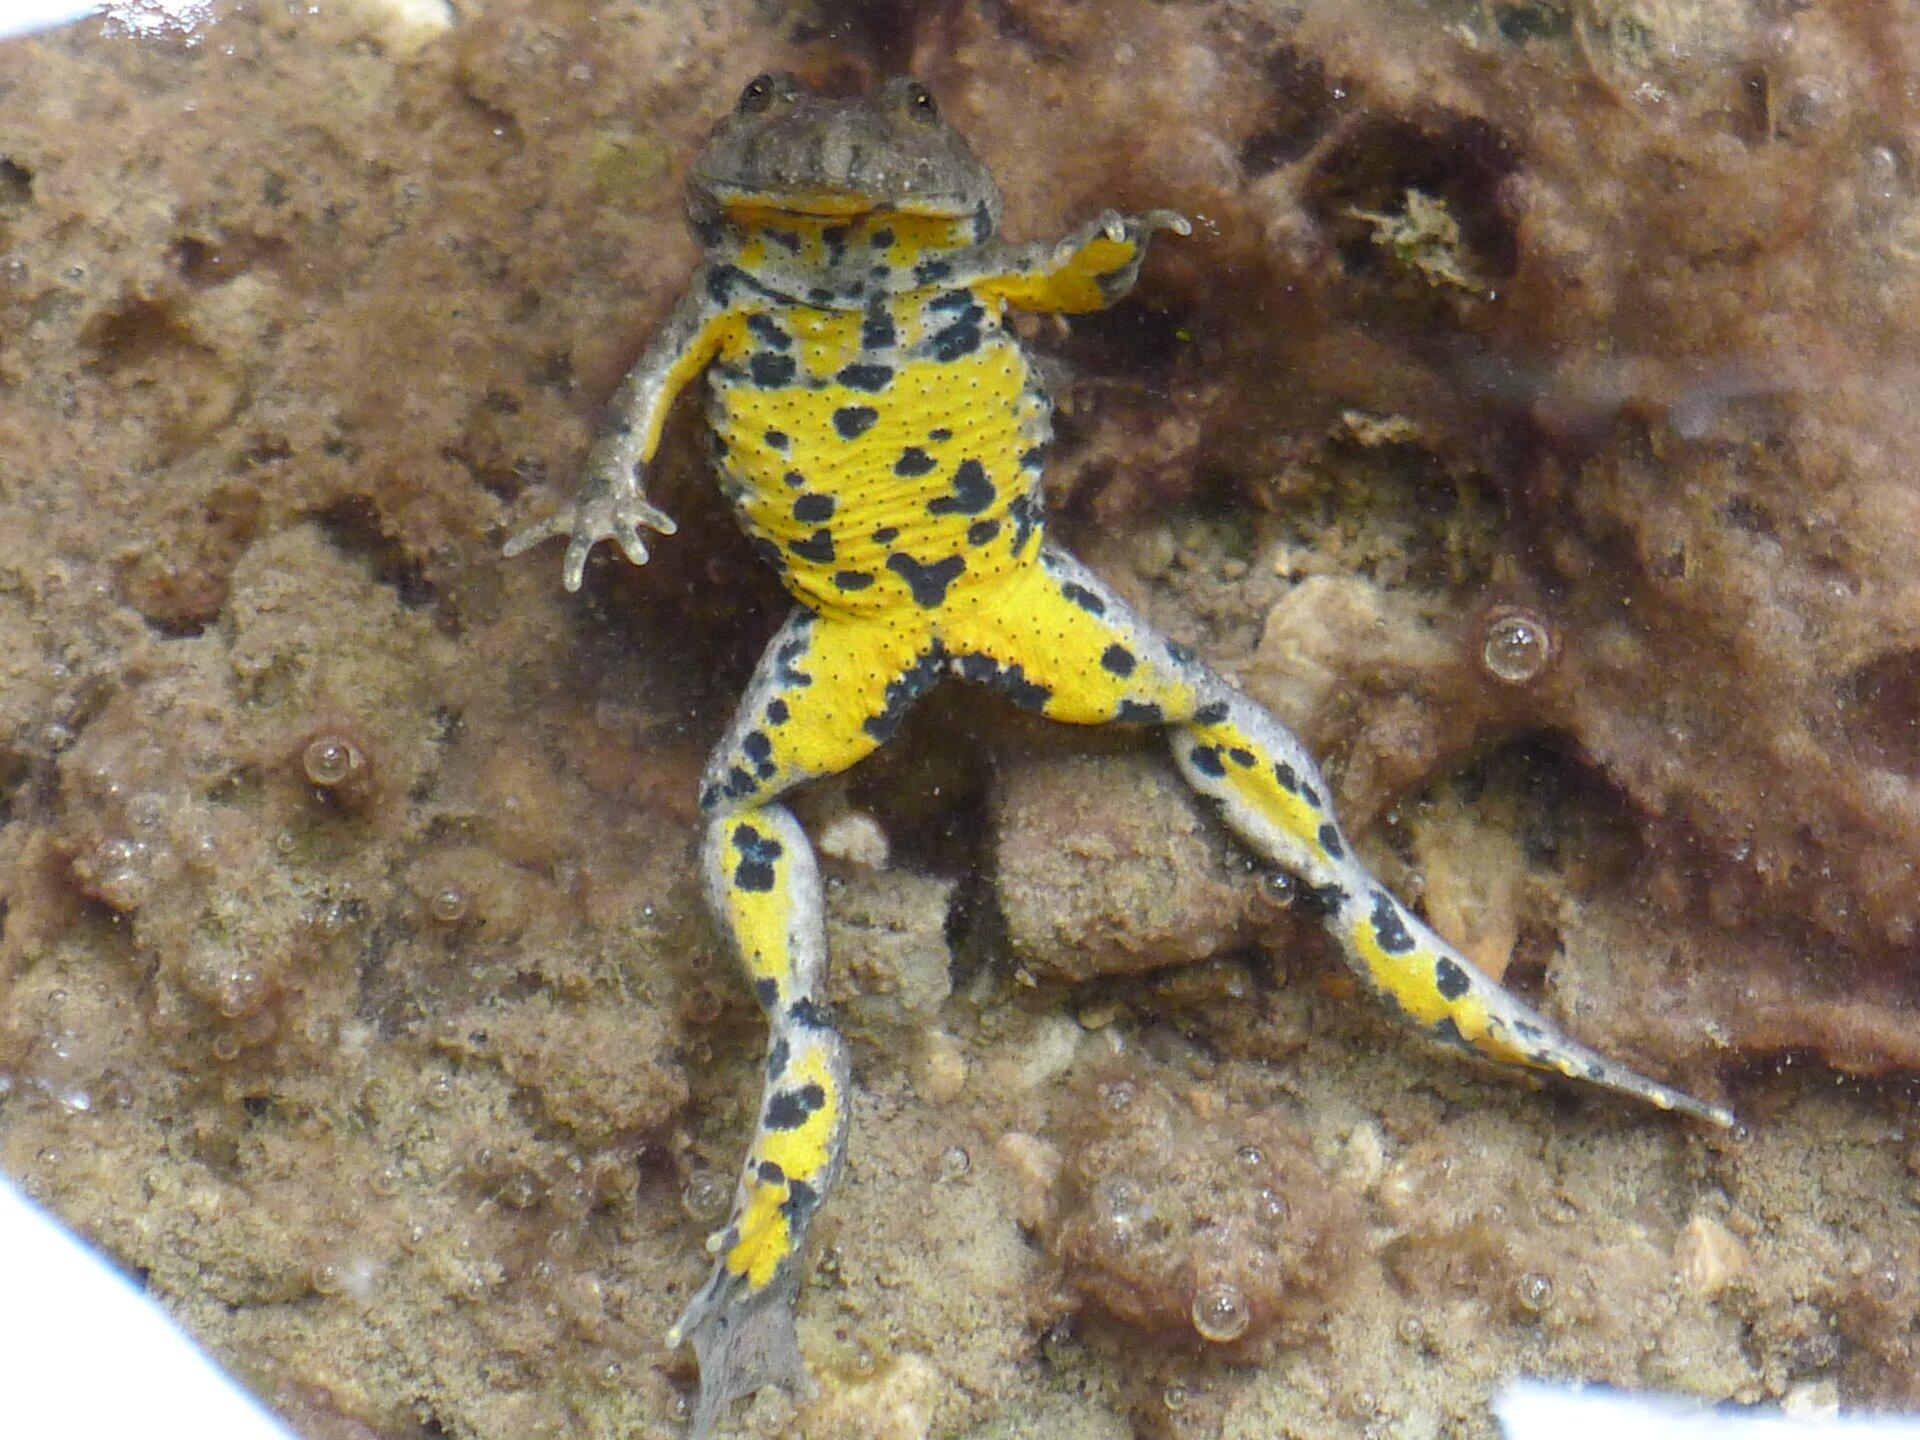 Fotografia przedstawia żółto-szarego płaza zczarnymi plamami, czyli kumaka górskiego. Znajduje się wwodzie, odwrócony na stronę brzuszną. Ma wyciągnięte tylne nogi, aprzednie uniesione. Ugóry zdjęcia pysk ioczy.